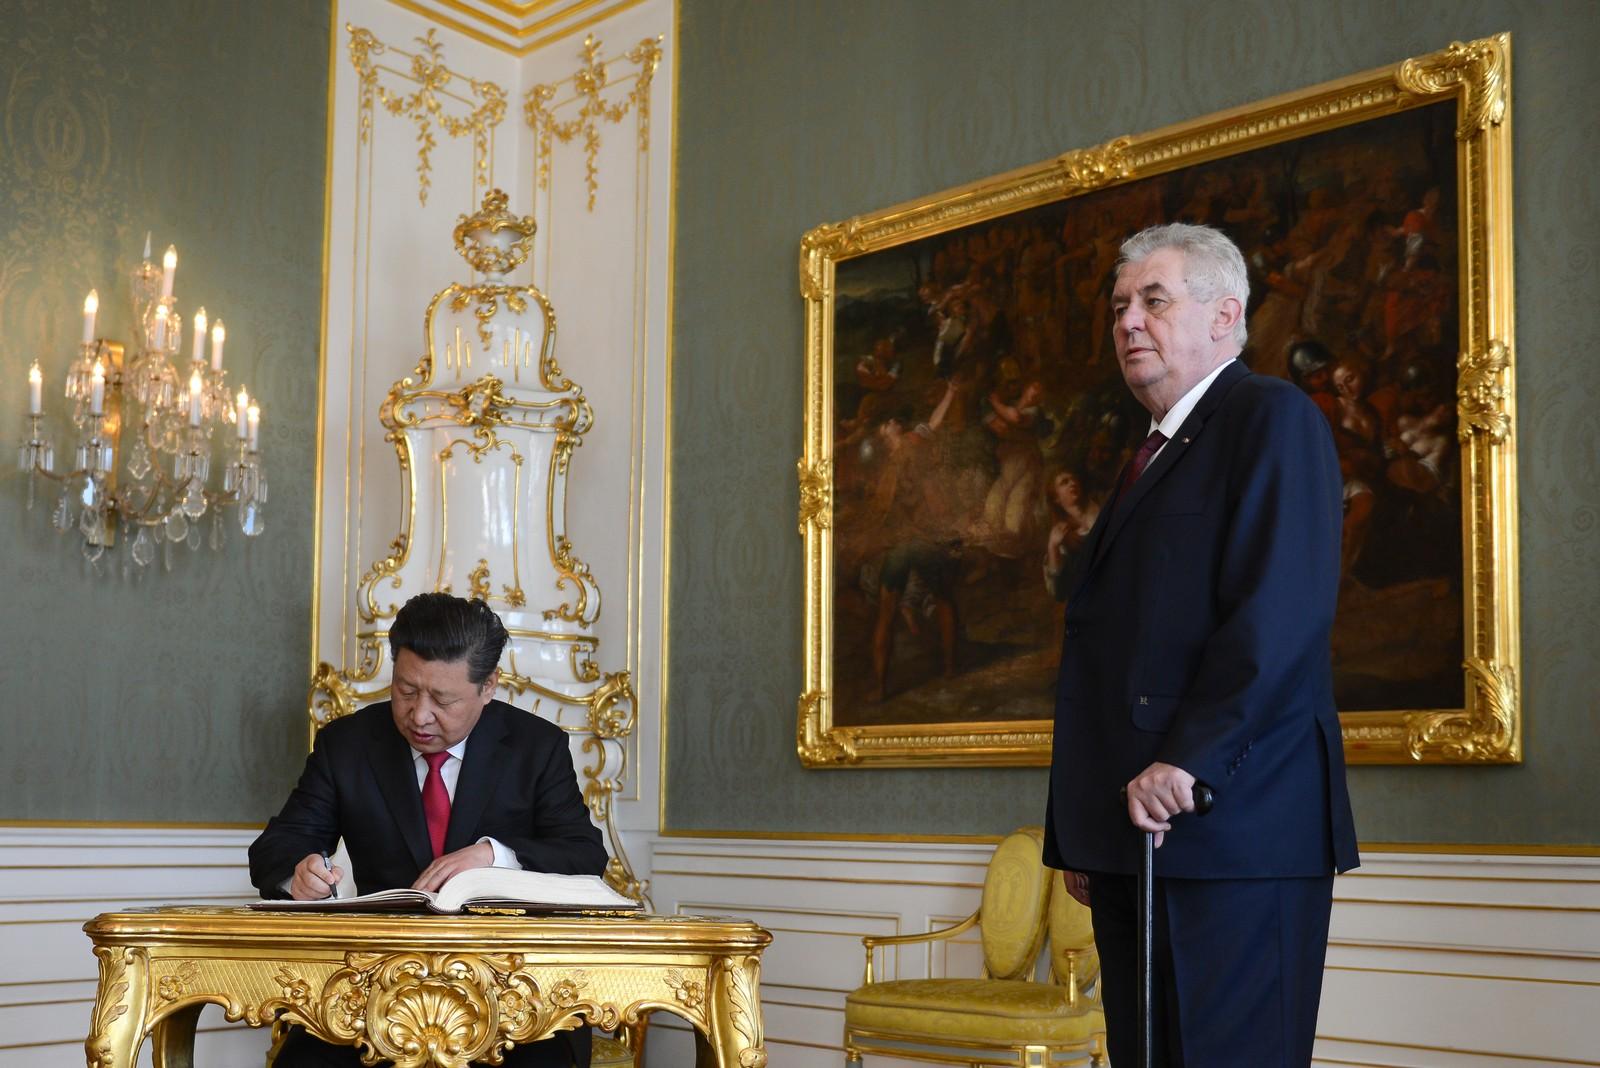 Разумно предположить, Россия мобилизует ресурсы для выборов 2018 года. Фото: офис президента Чехии